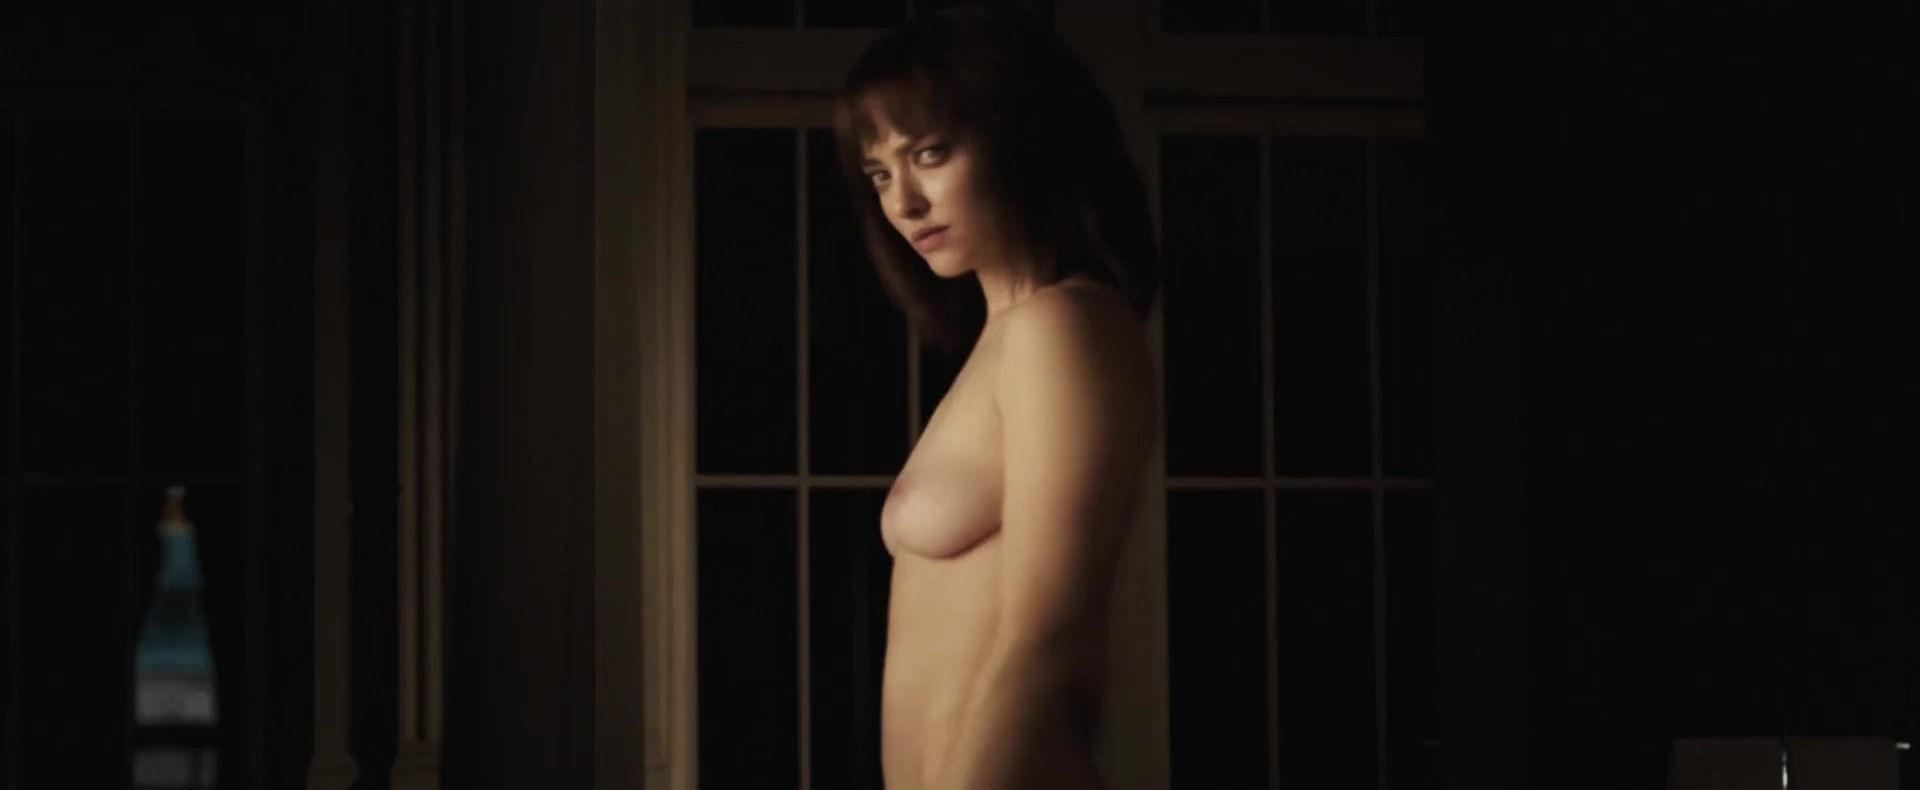 Amanda Seyfried xxx 1